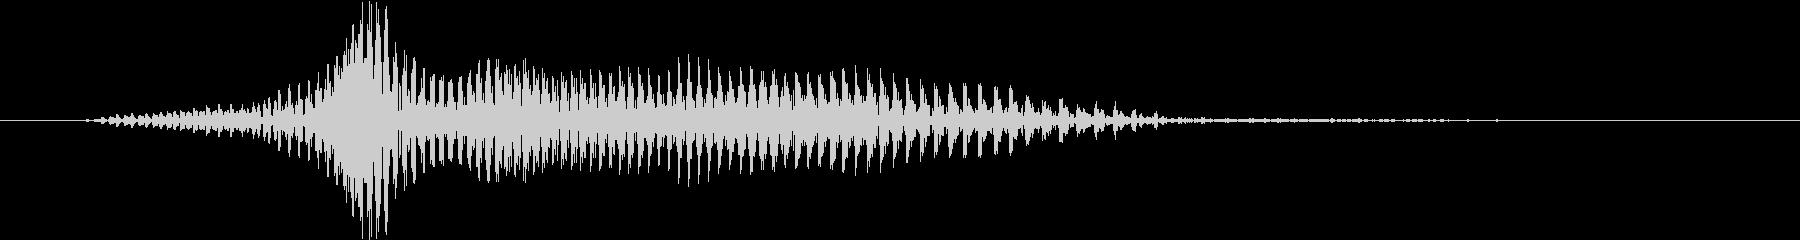 ワンの未再生の波形